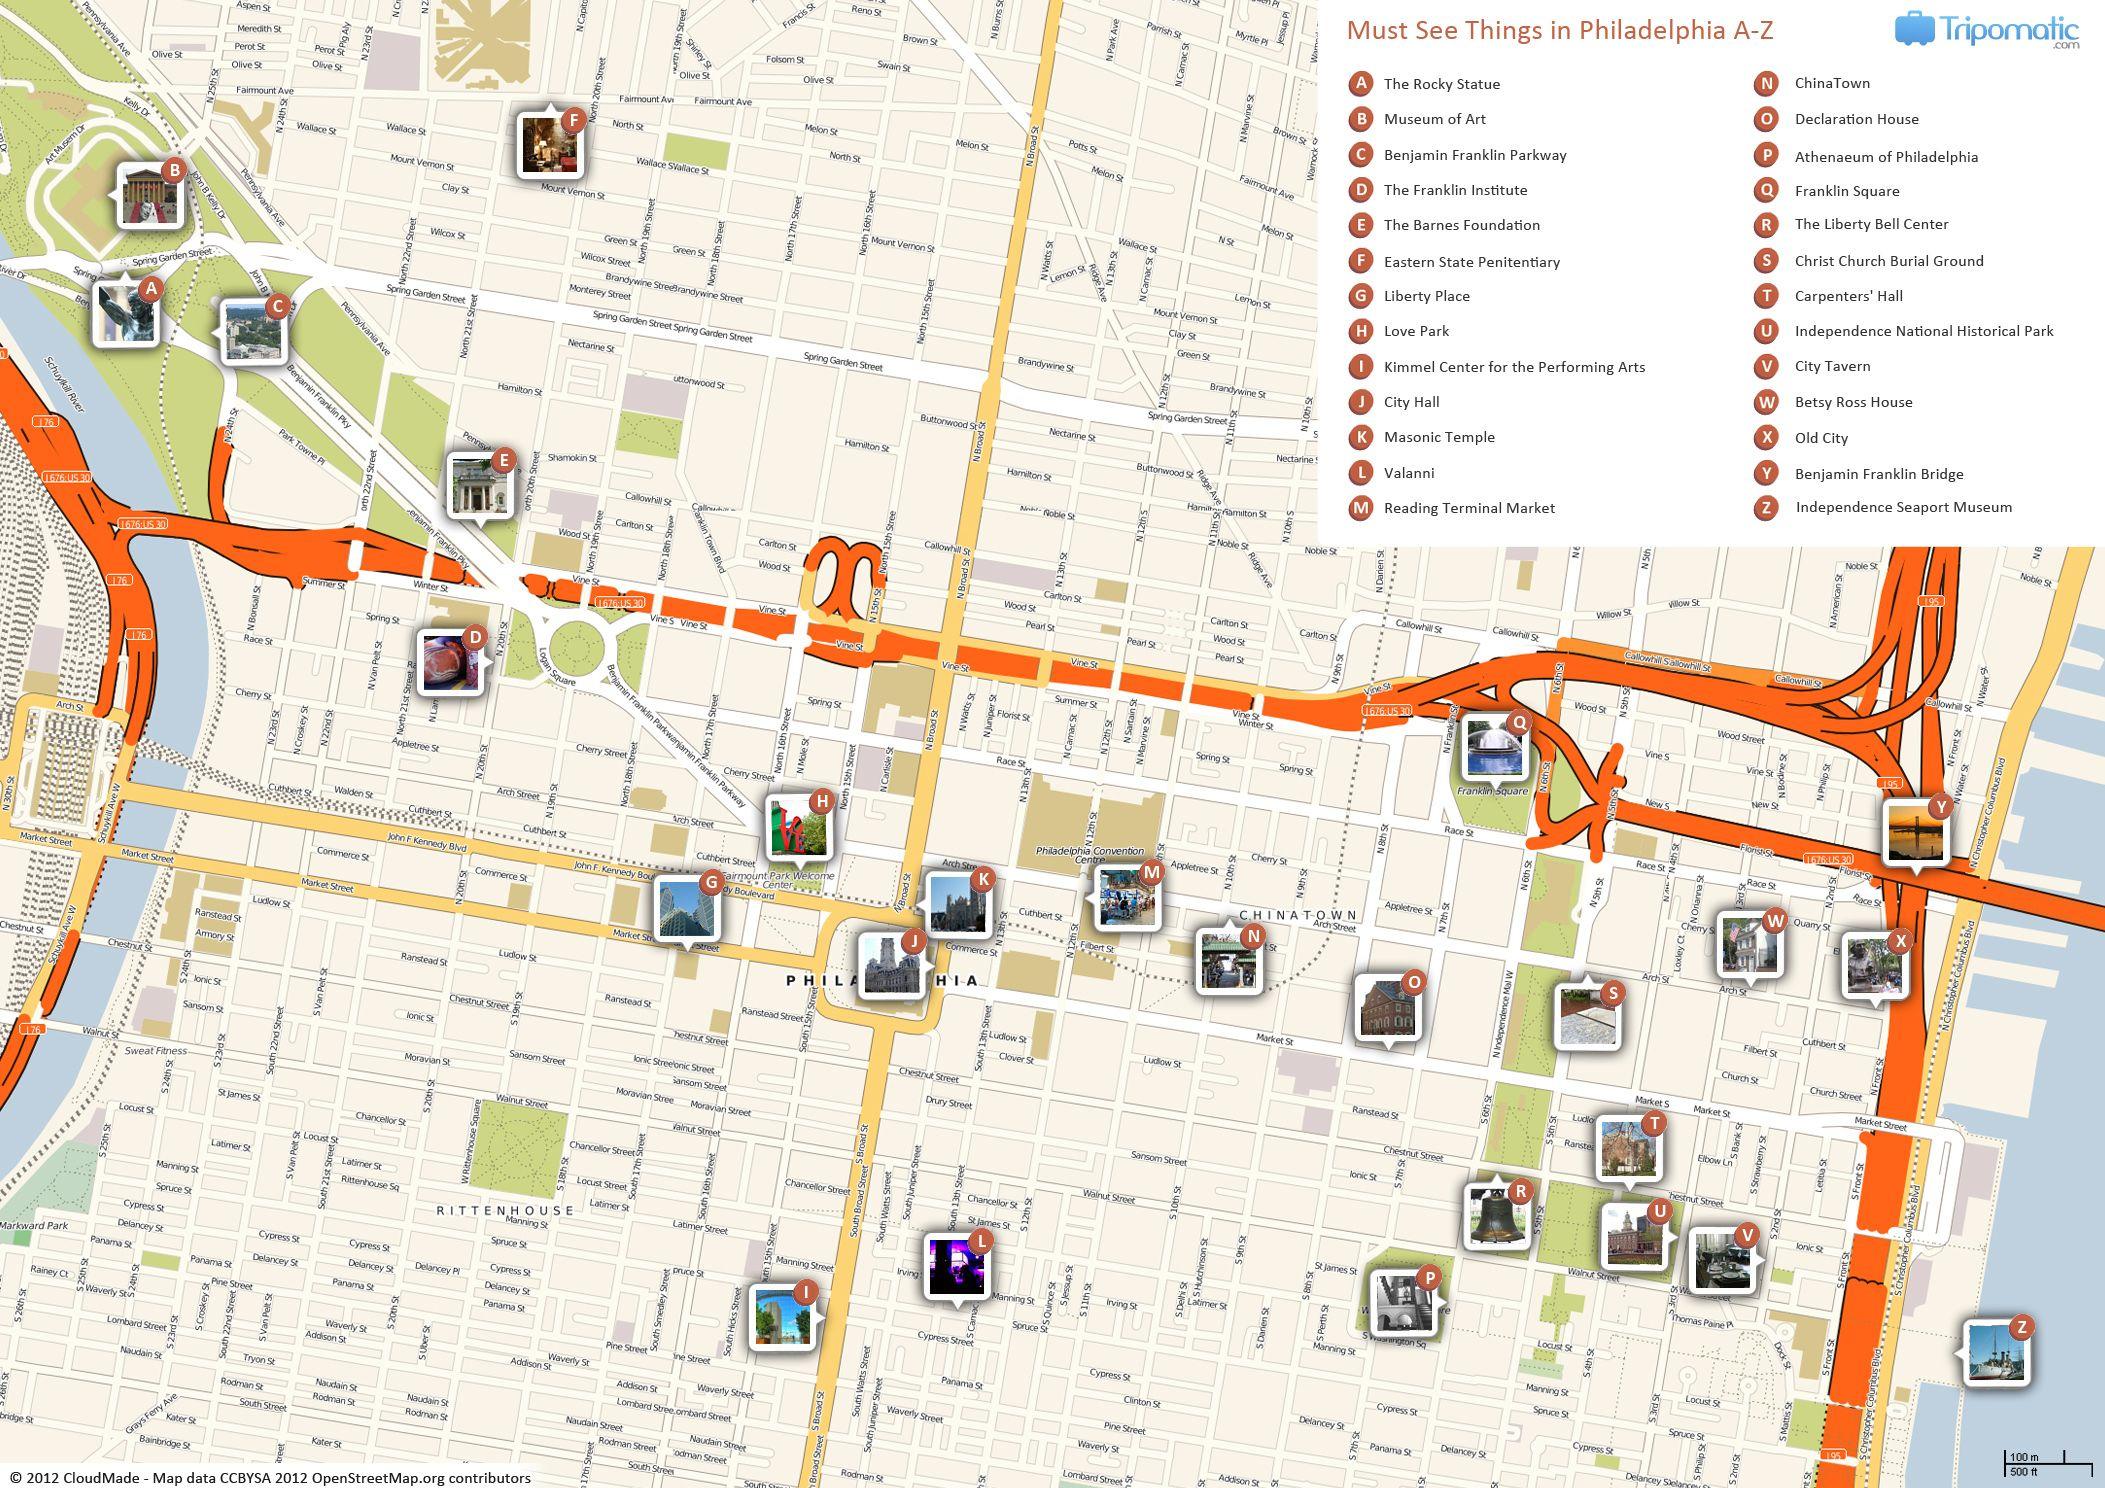 Philadelphia Printable Tourist Map   Free Tourist Maps - Map Of Old City Philadelphia Printable